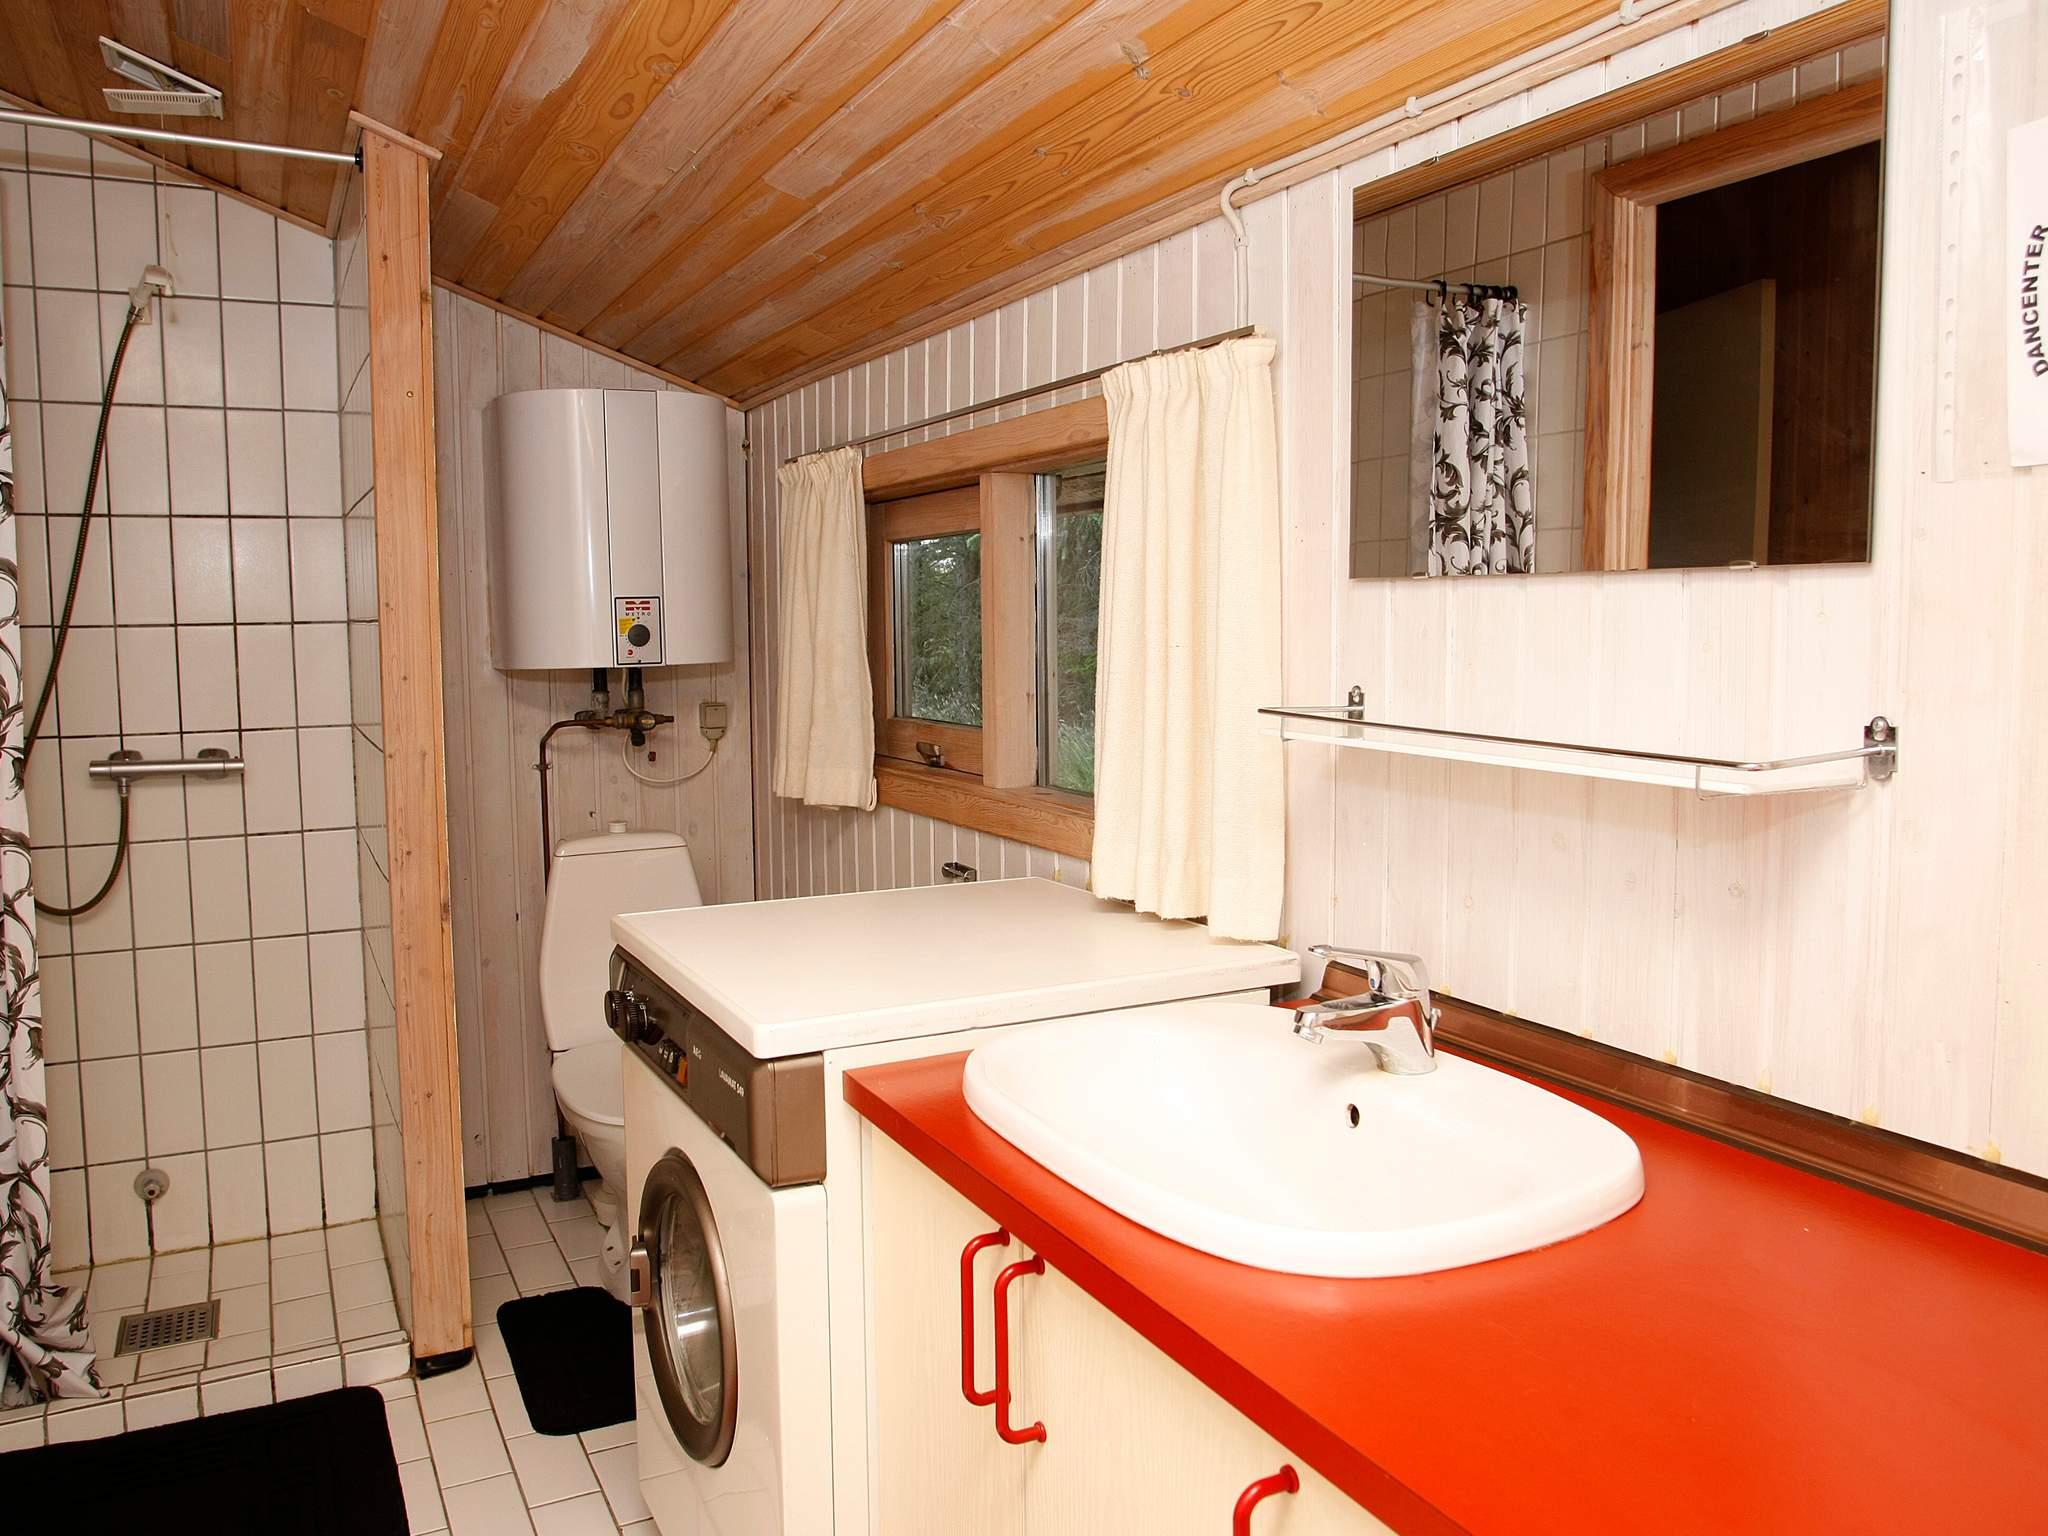 Ferienhaus Thorup Strand (83696), Fjerritslev, , Nordwestjütland, Dänemark, Bild 8